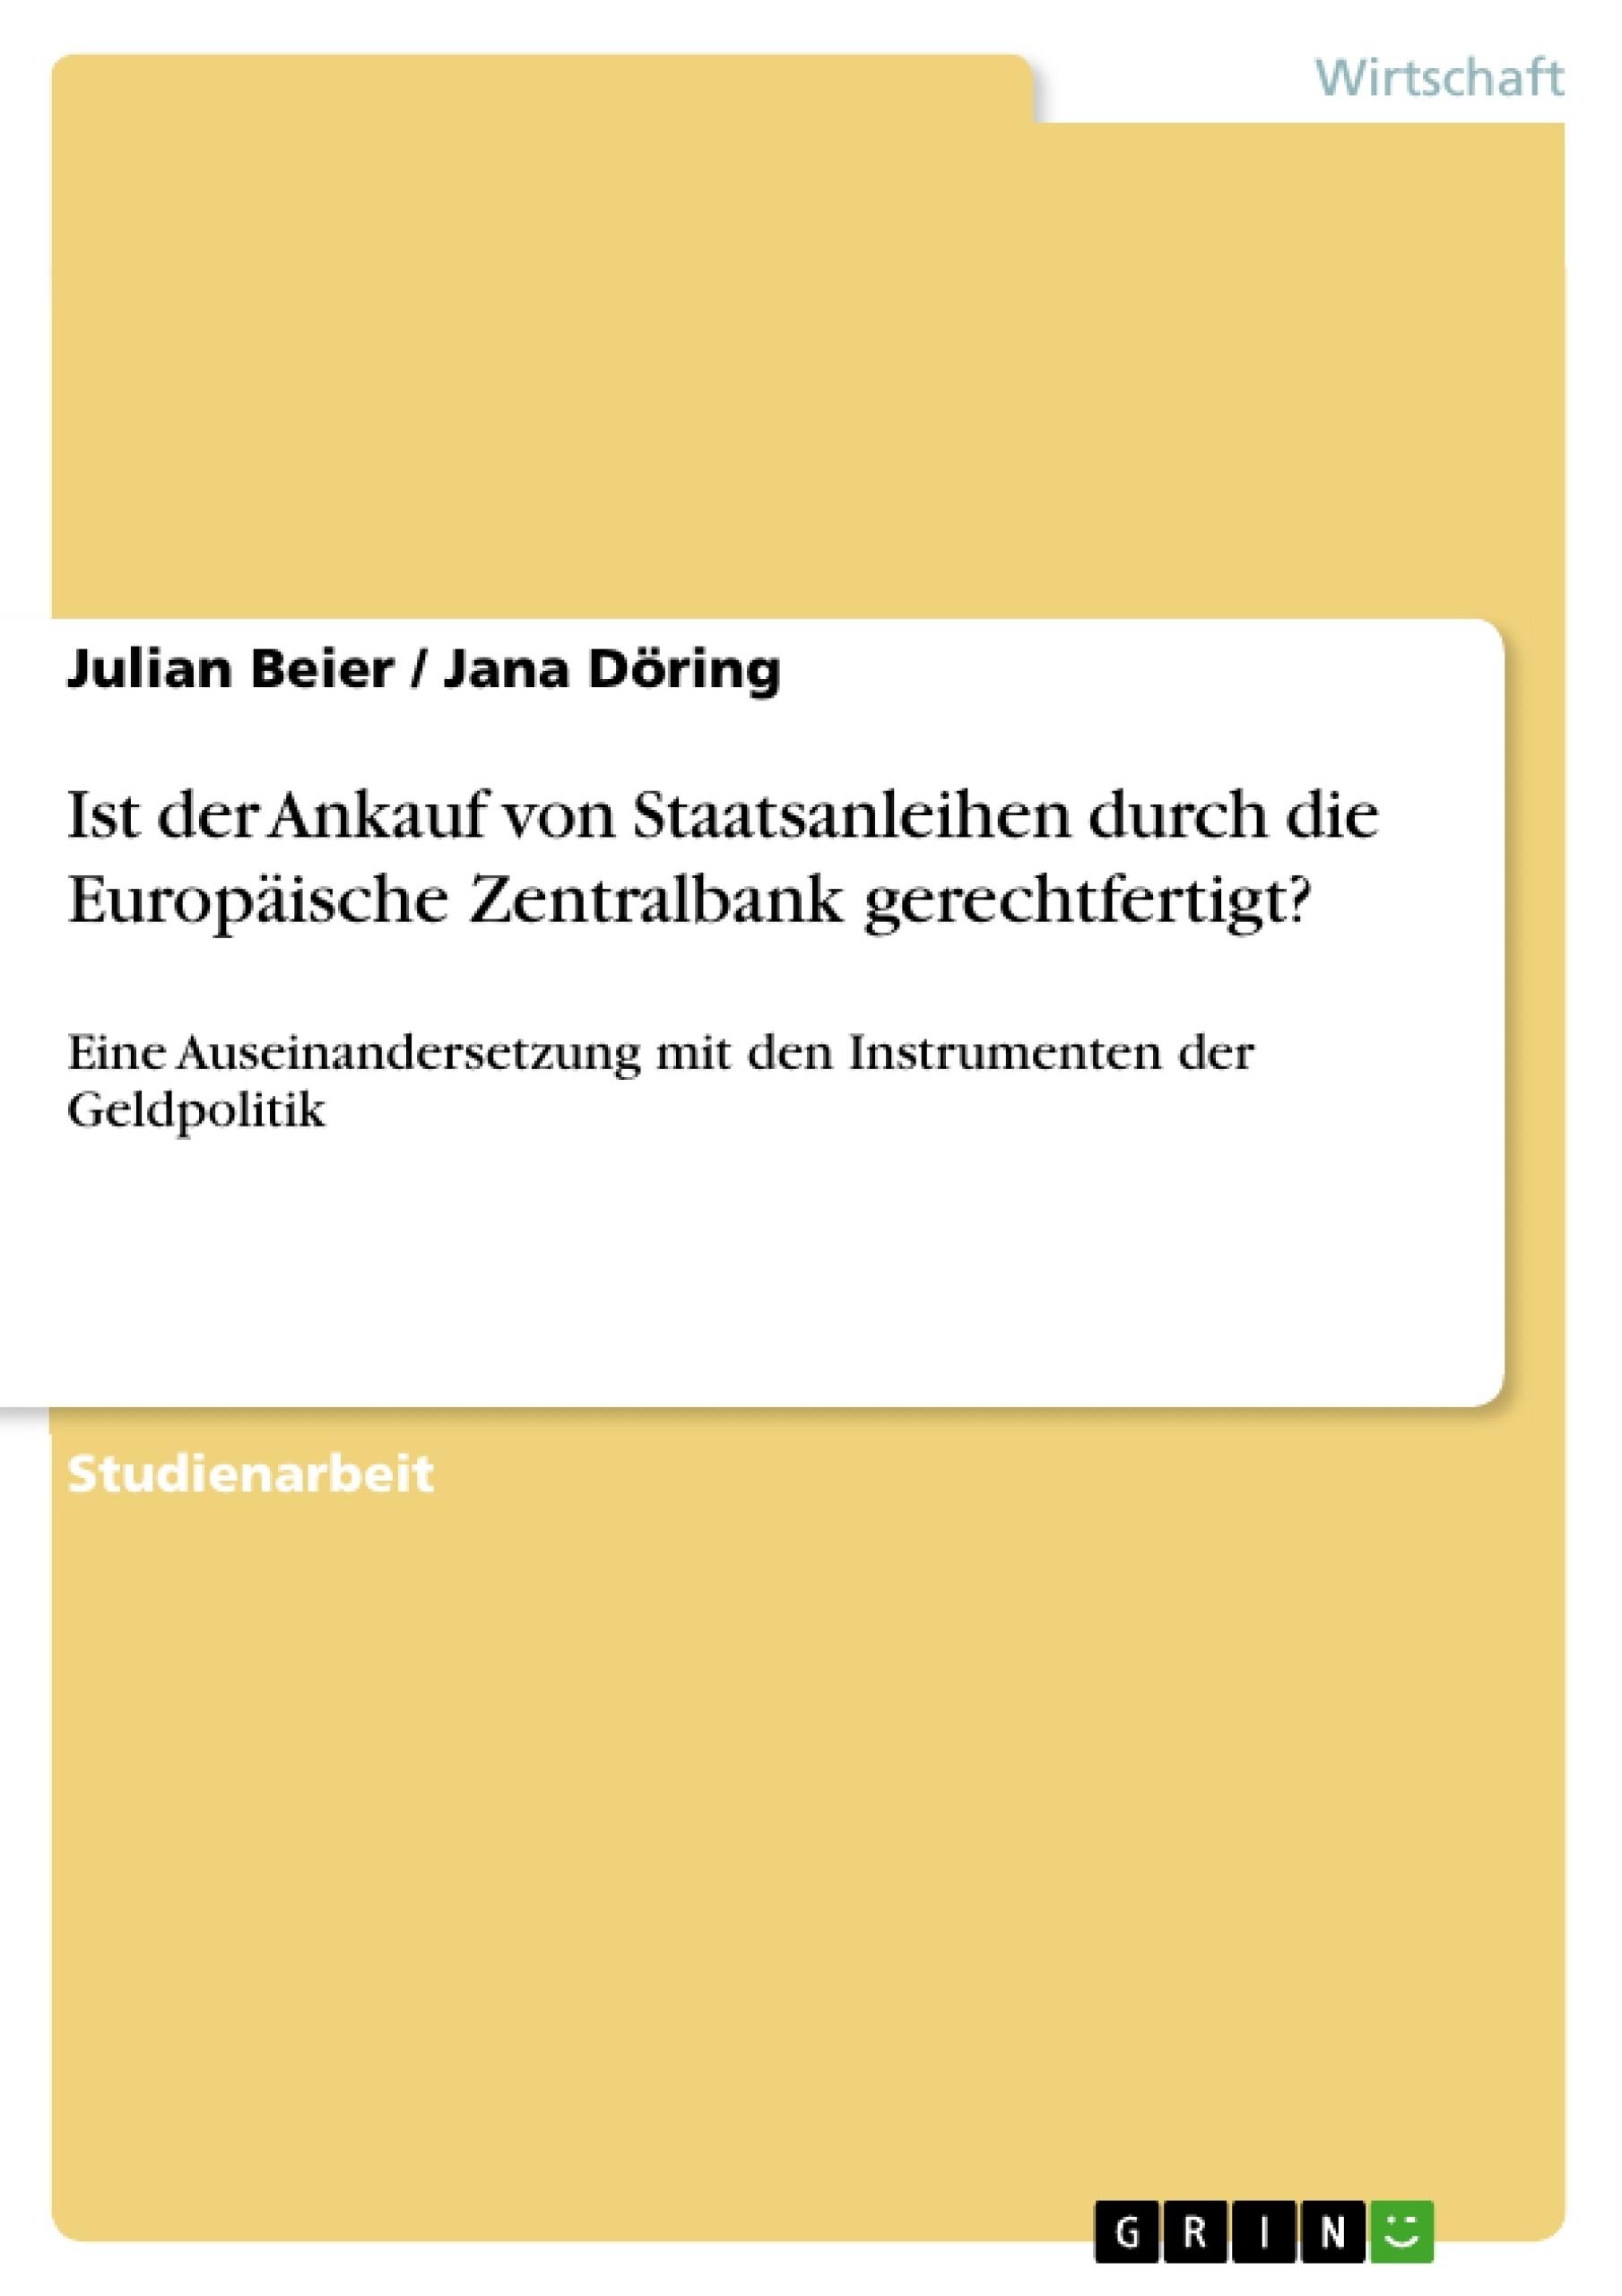 Titel: Ist der Ankauf von Staatsanleihen durch die Europäische Zentralbank gerechtfertigt?